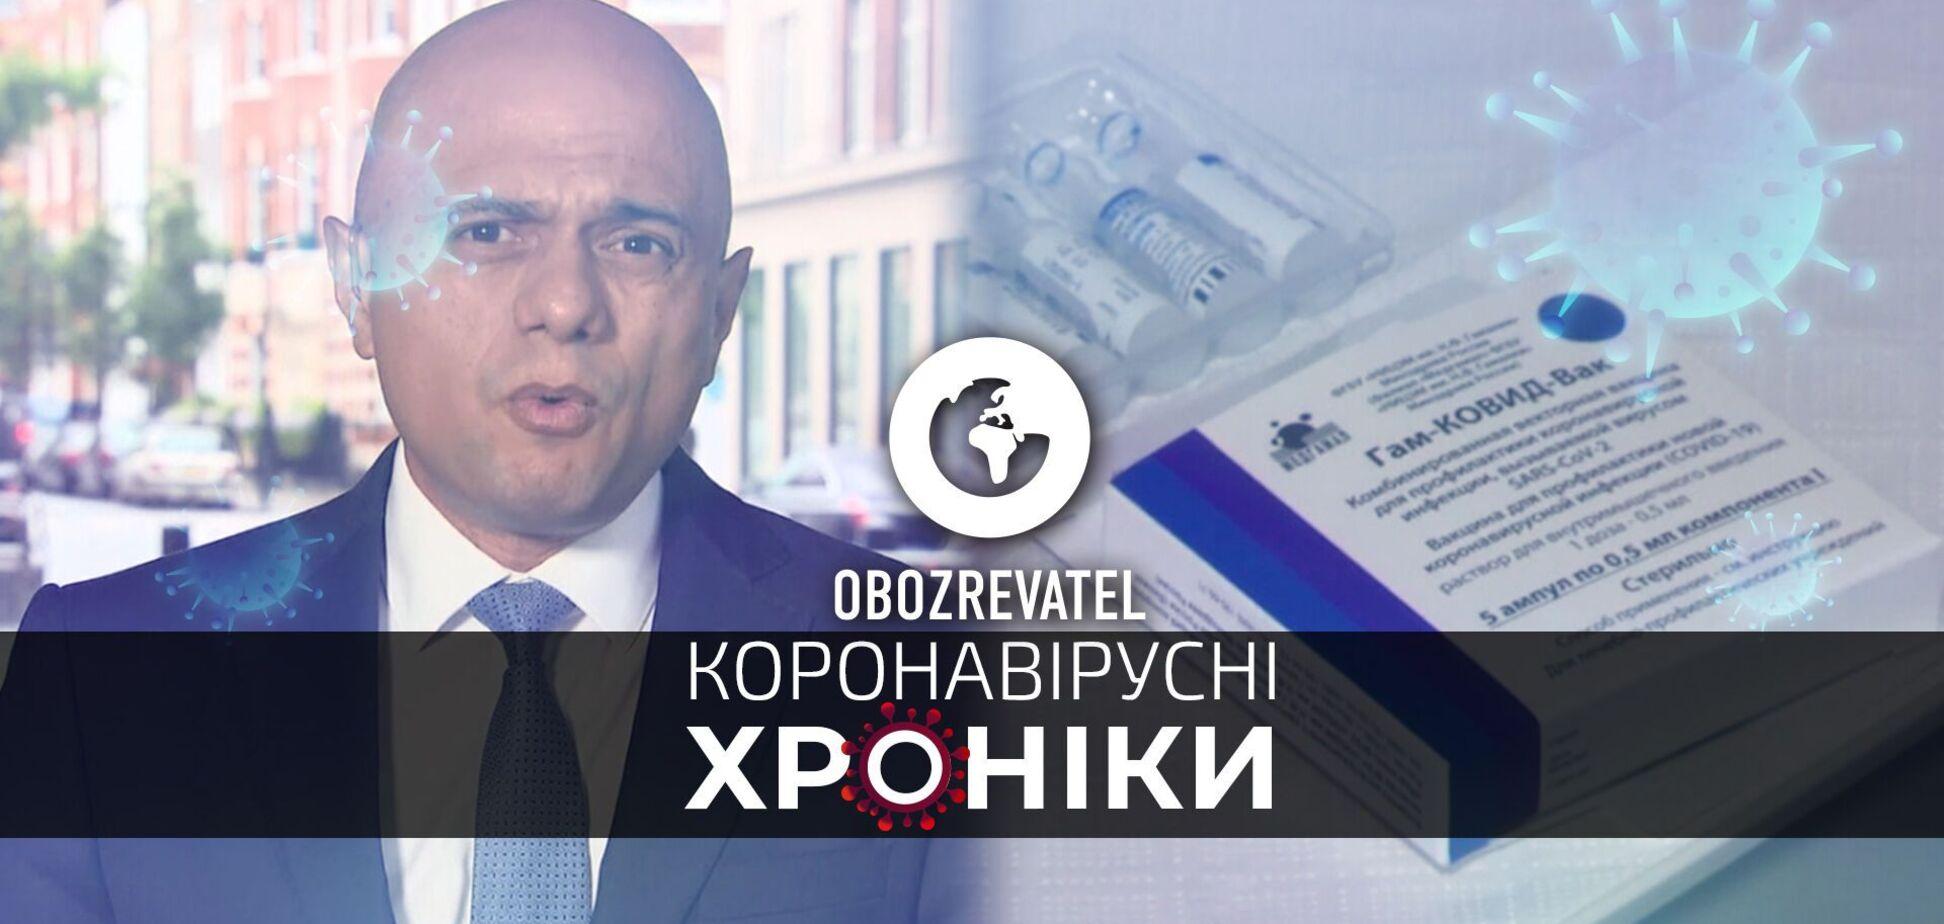 Велика Британія скасовує всі протиепідемічні обмеження, а Словаччина повернула Росії Спутник V, – коронавірусні хроніки